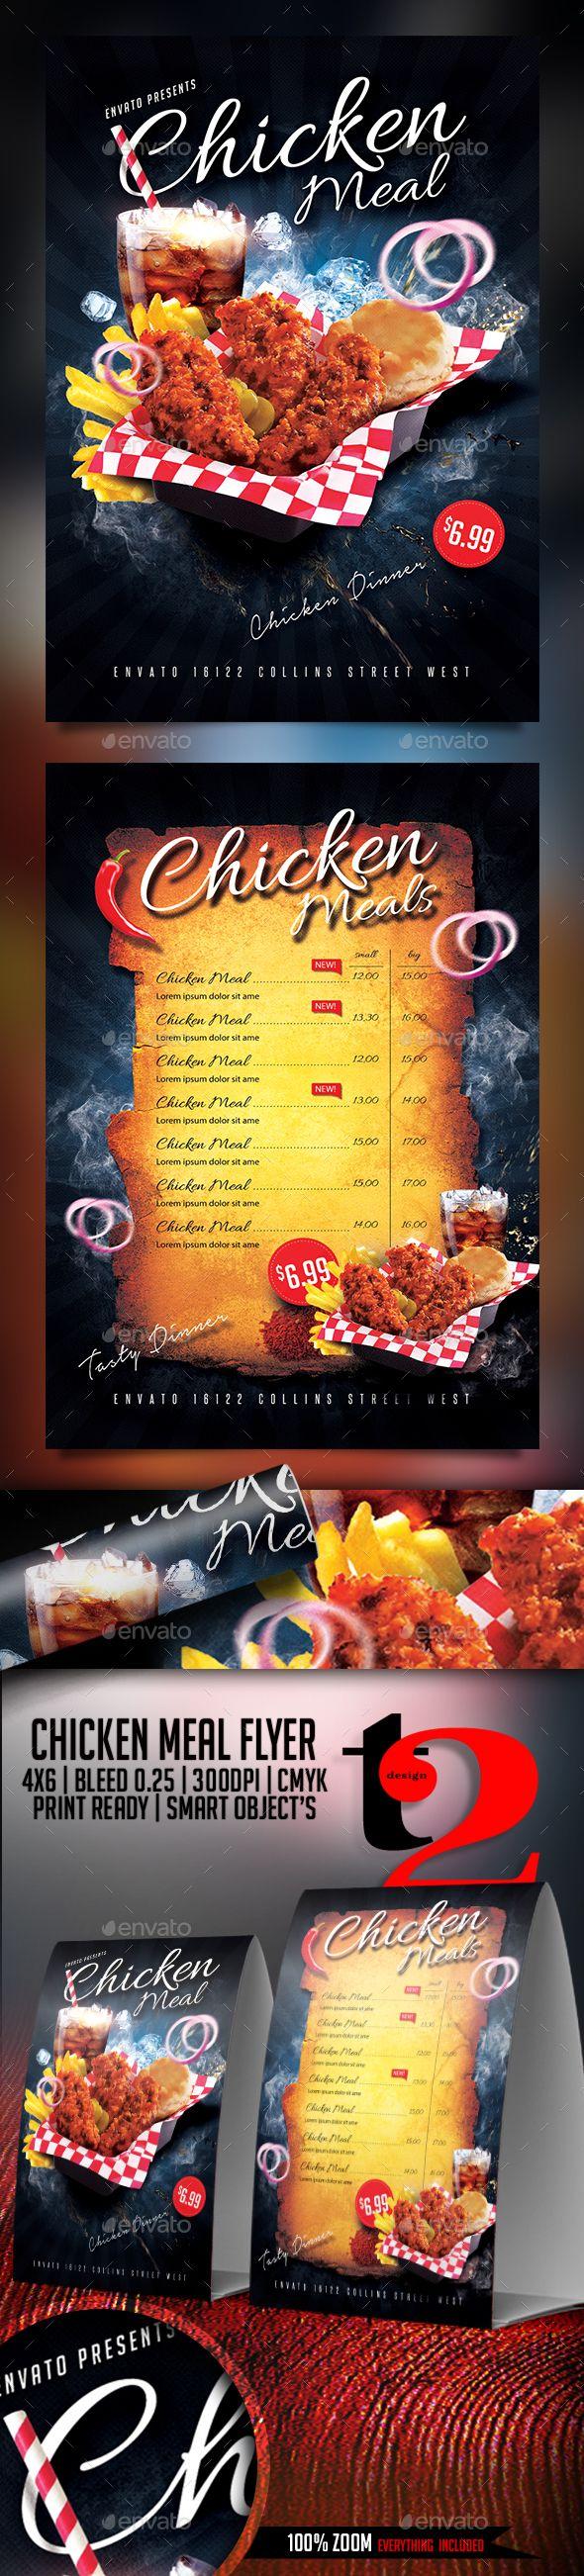 Best Menu Design Images On   Food Design Menu